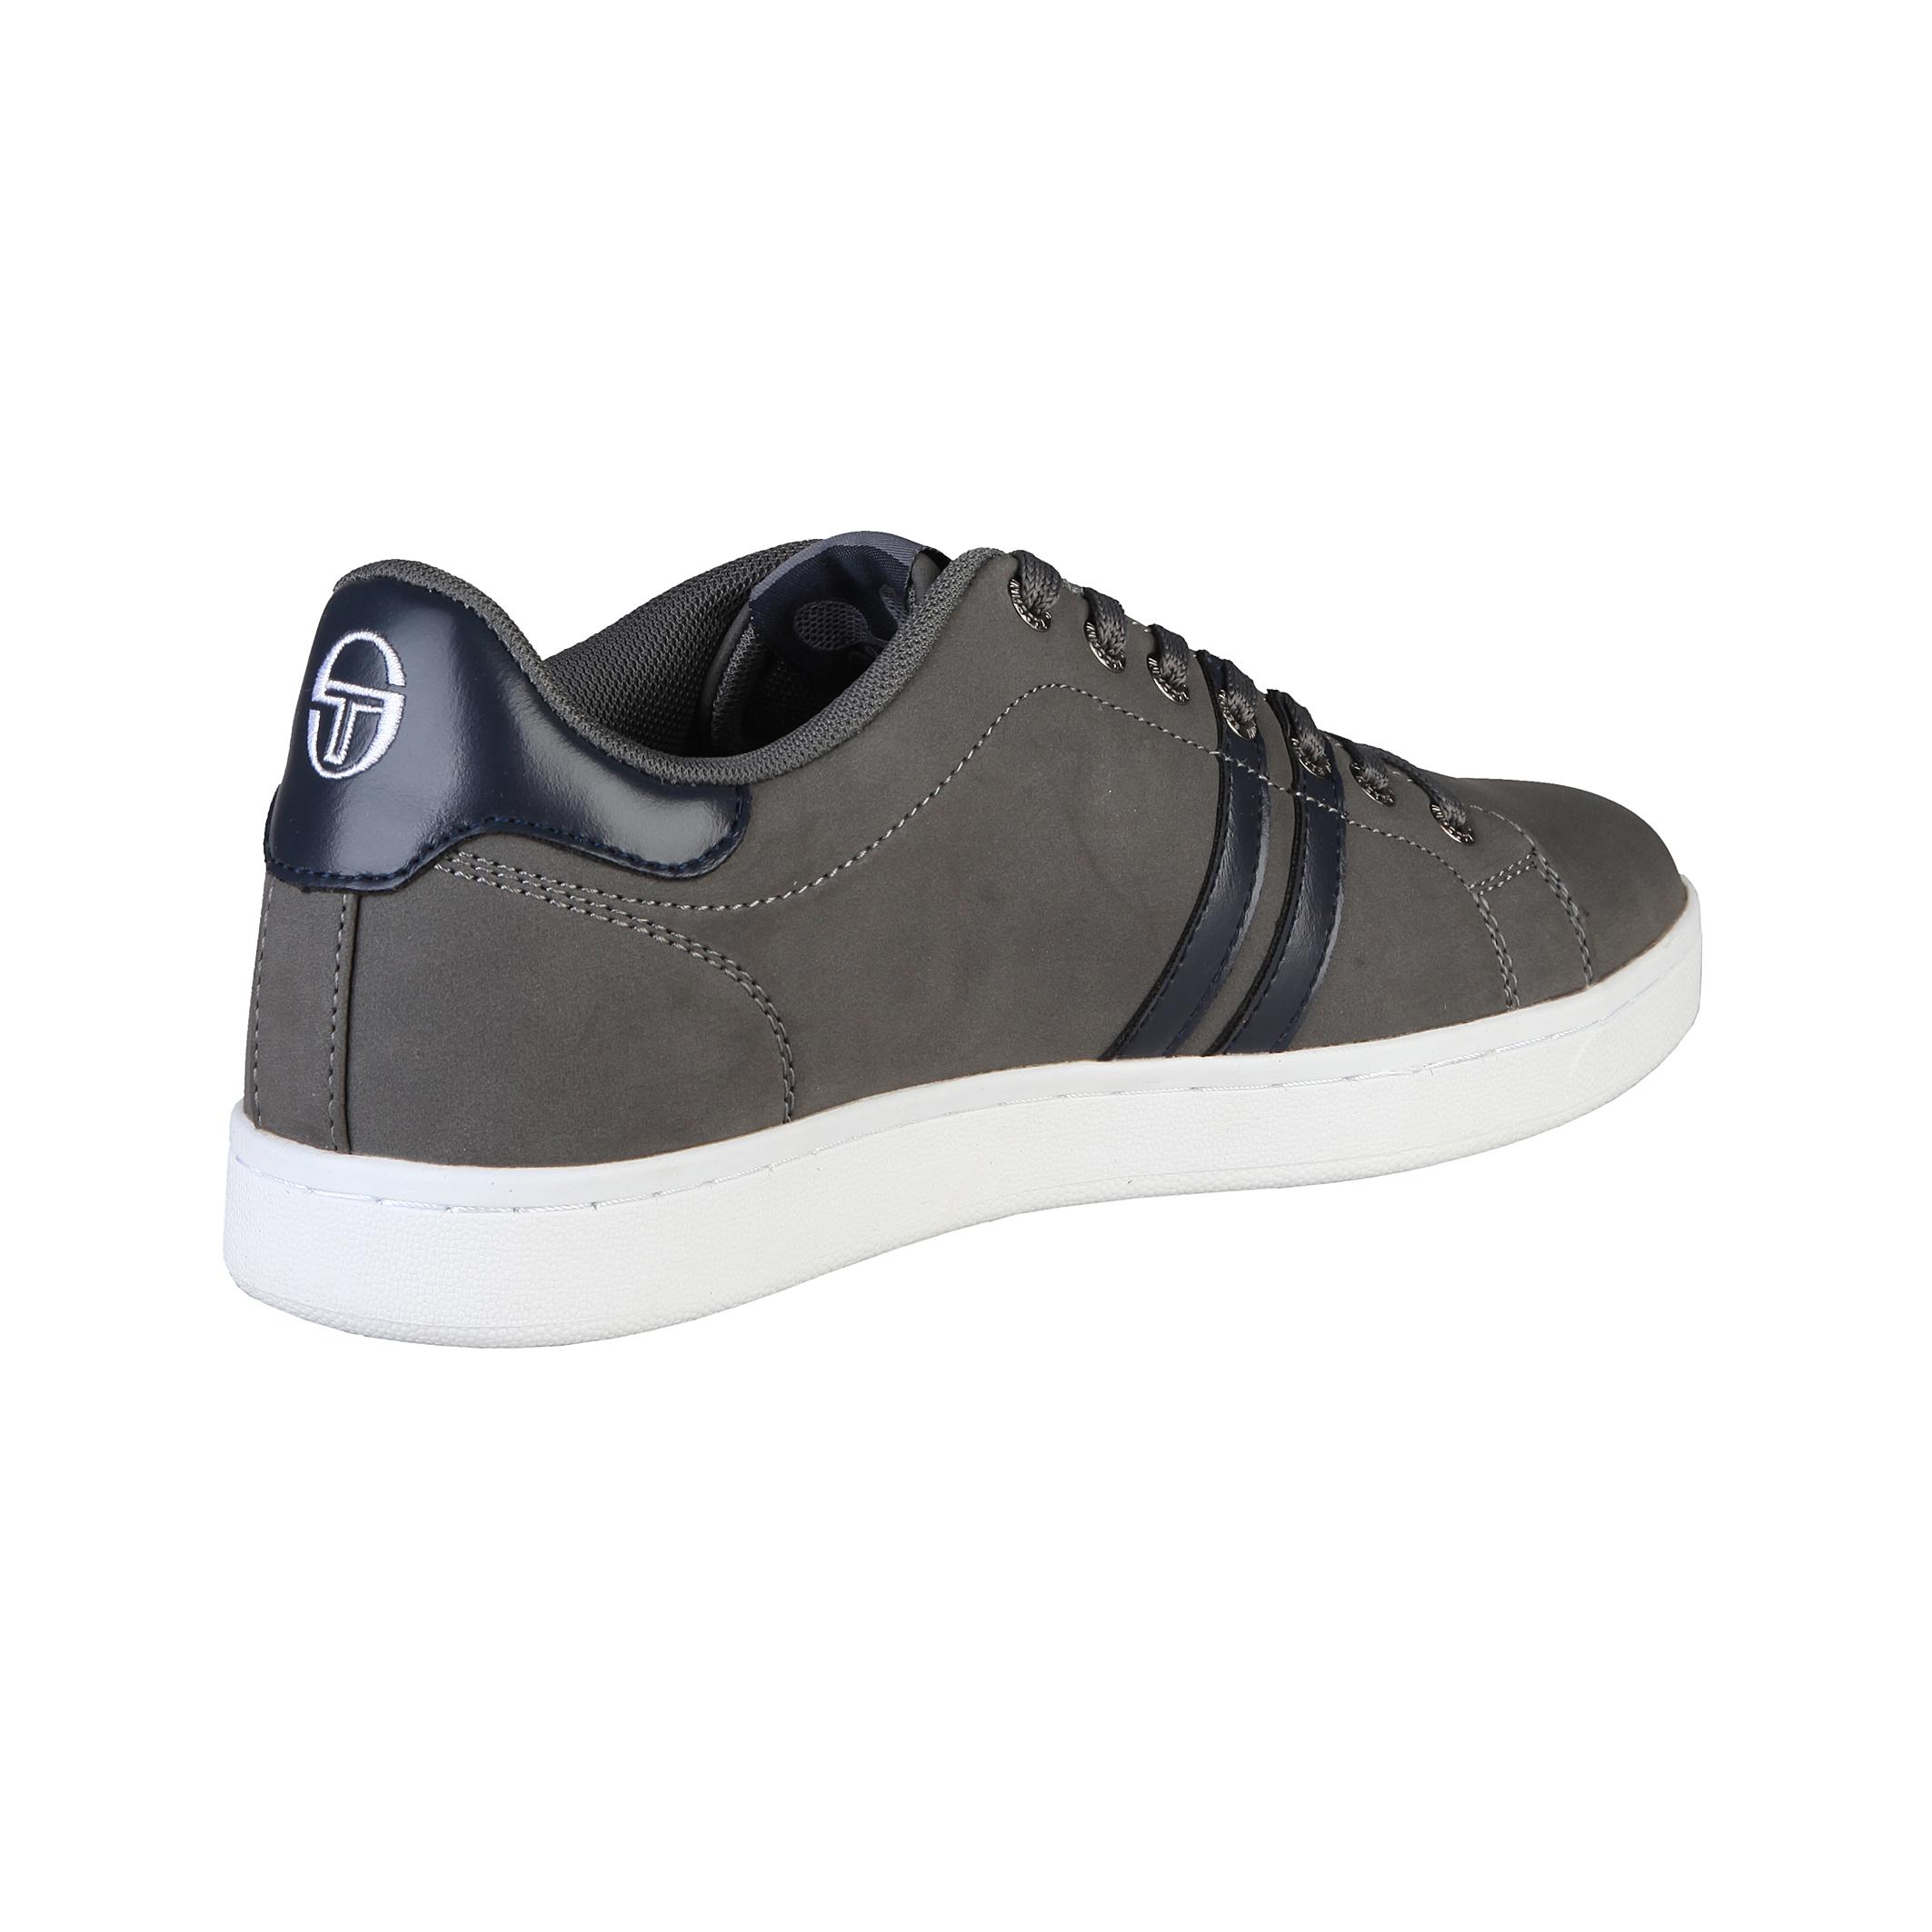 Tacchini Schuhe GHIBLI ST624115, Herren Sneakers Grau/Blau Herbst/Winter